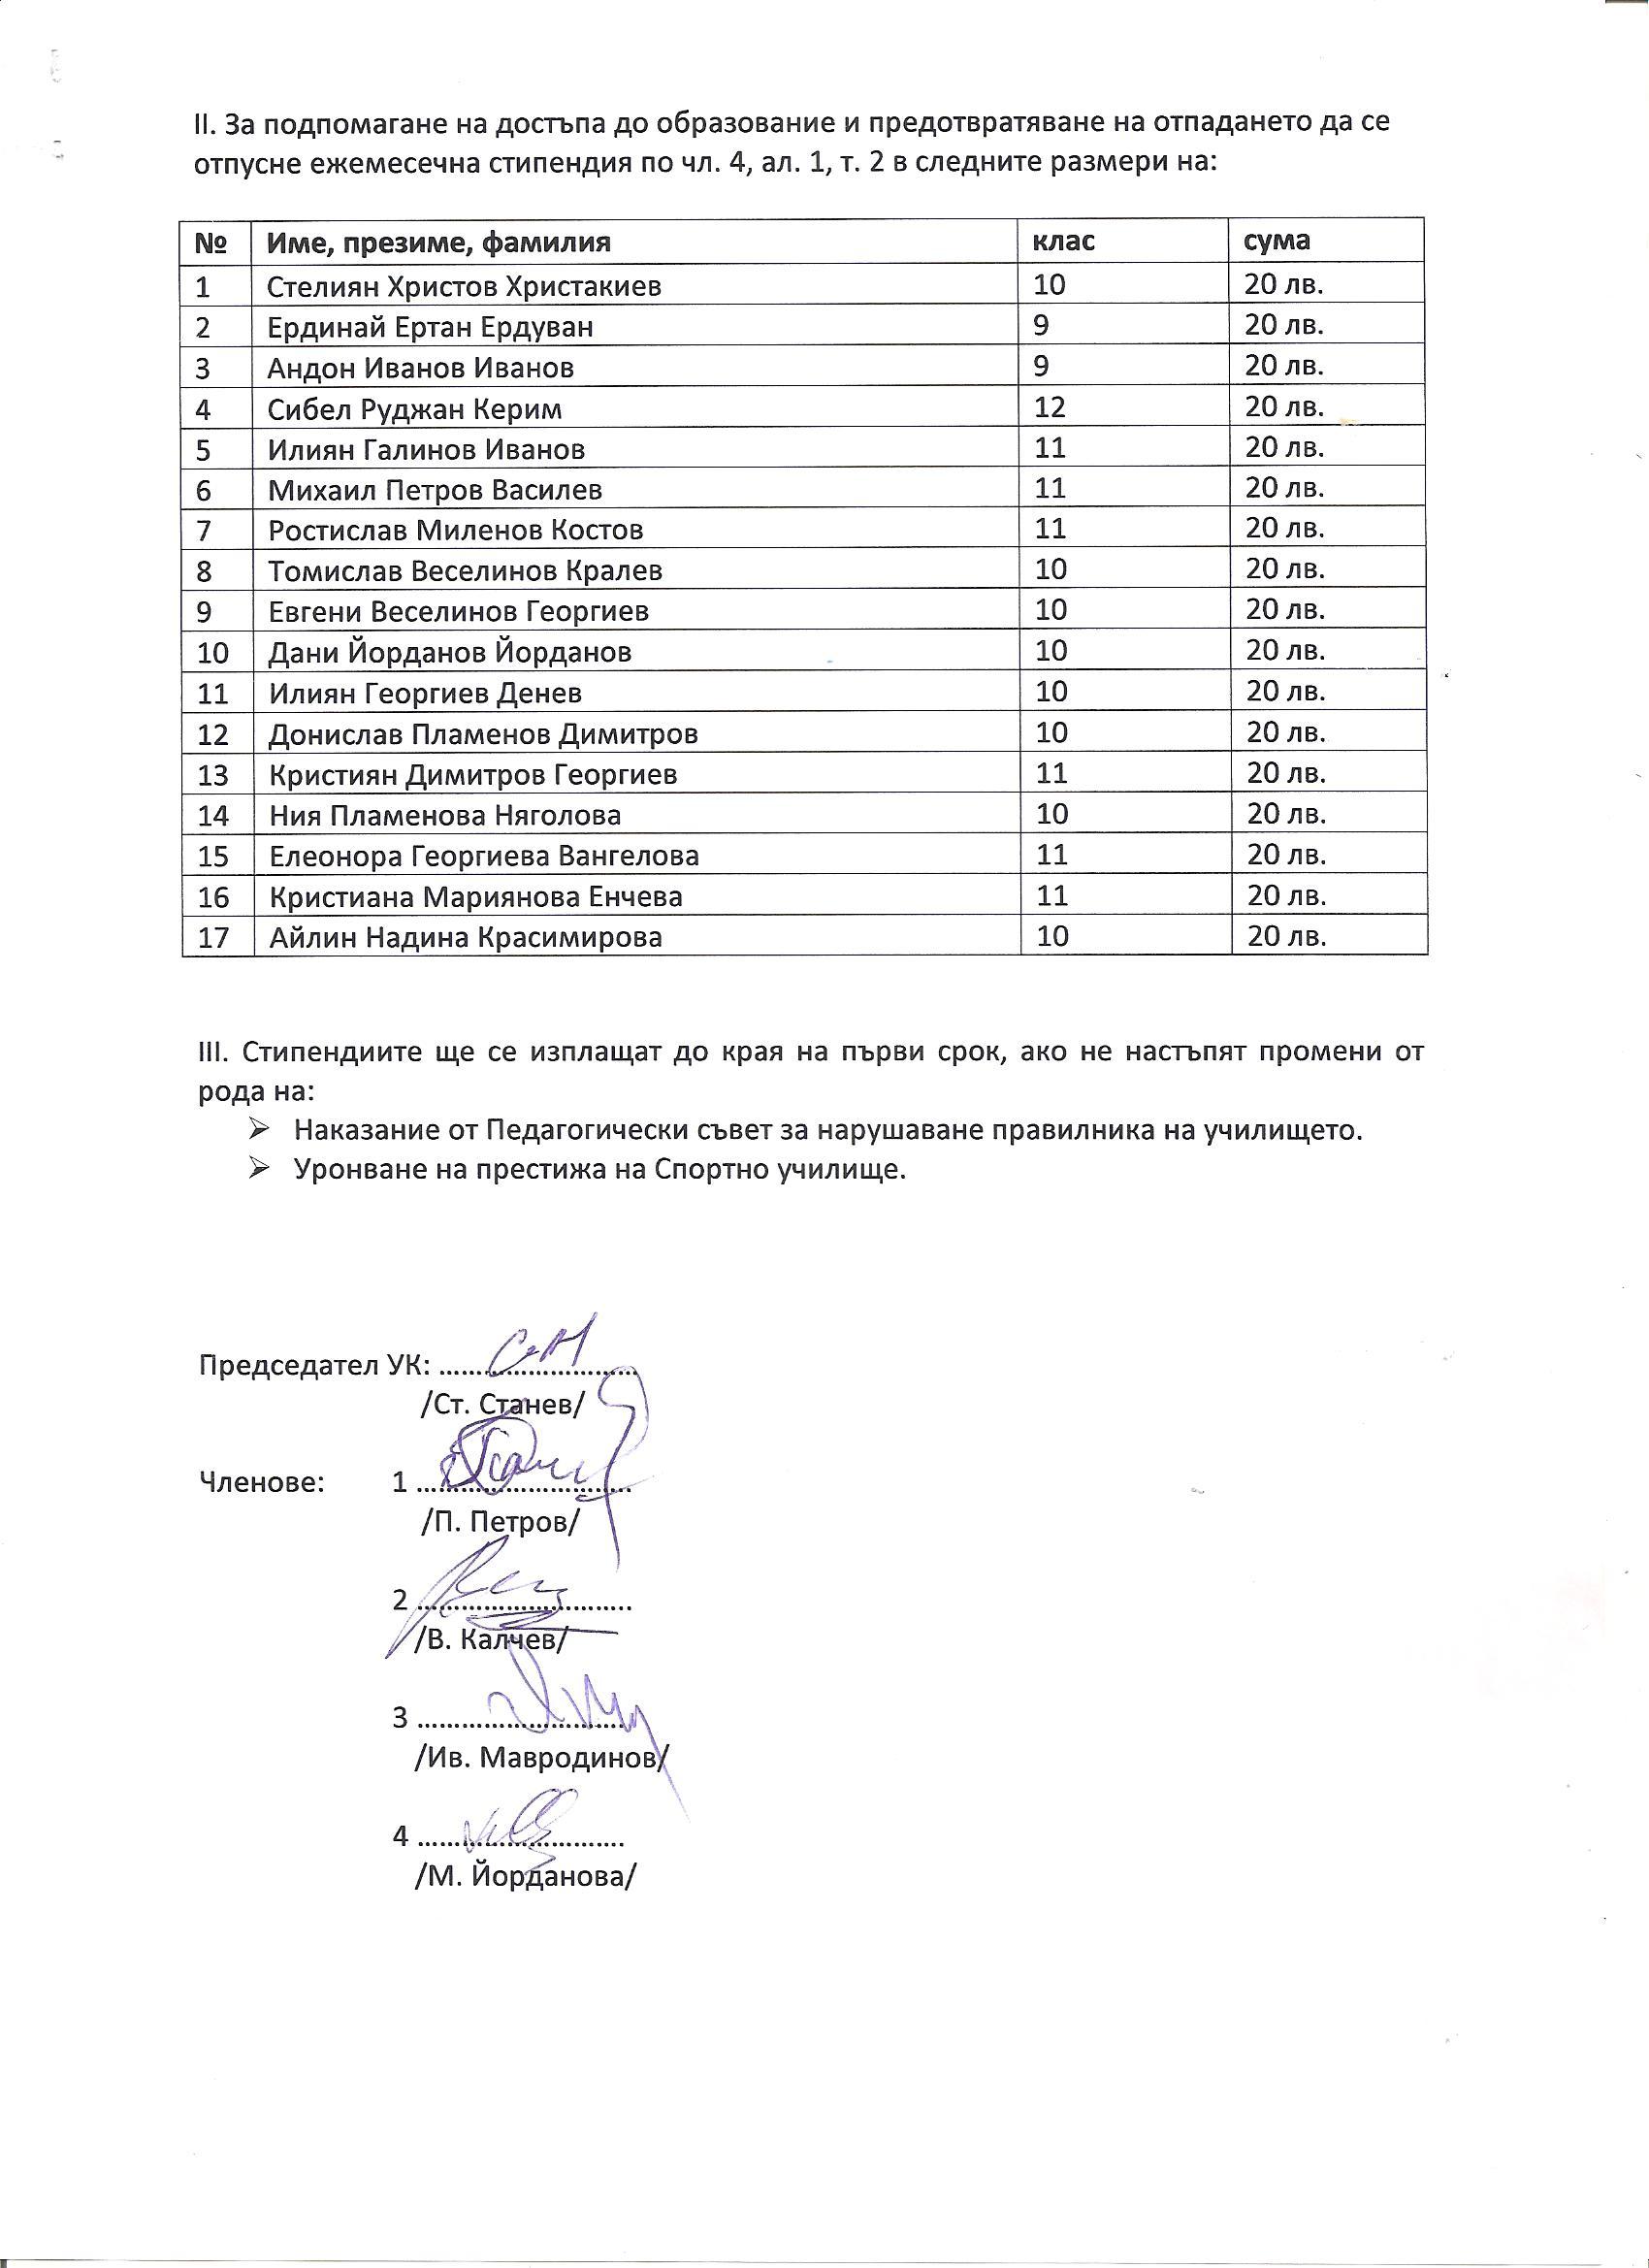 protokol-stipendii-2